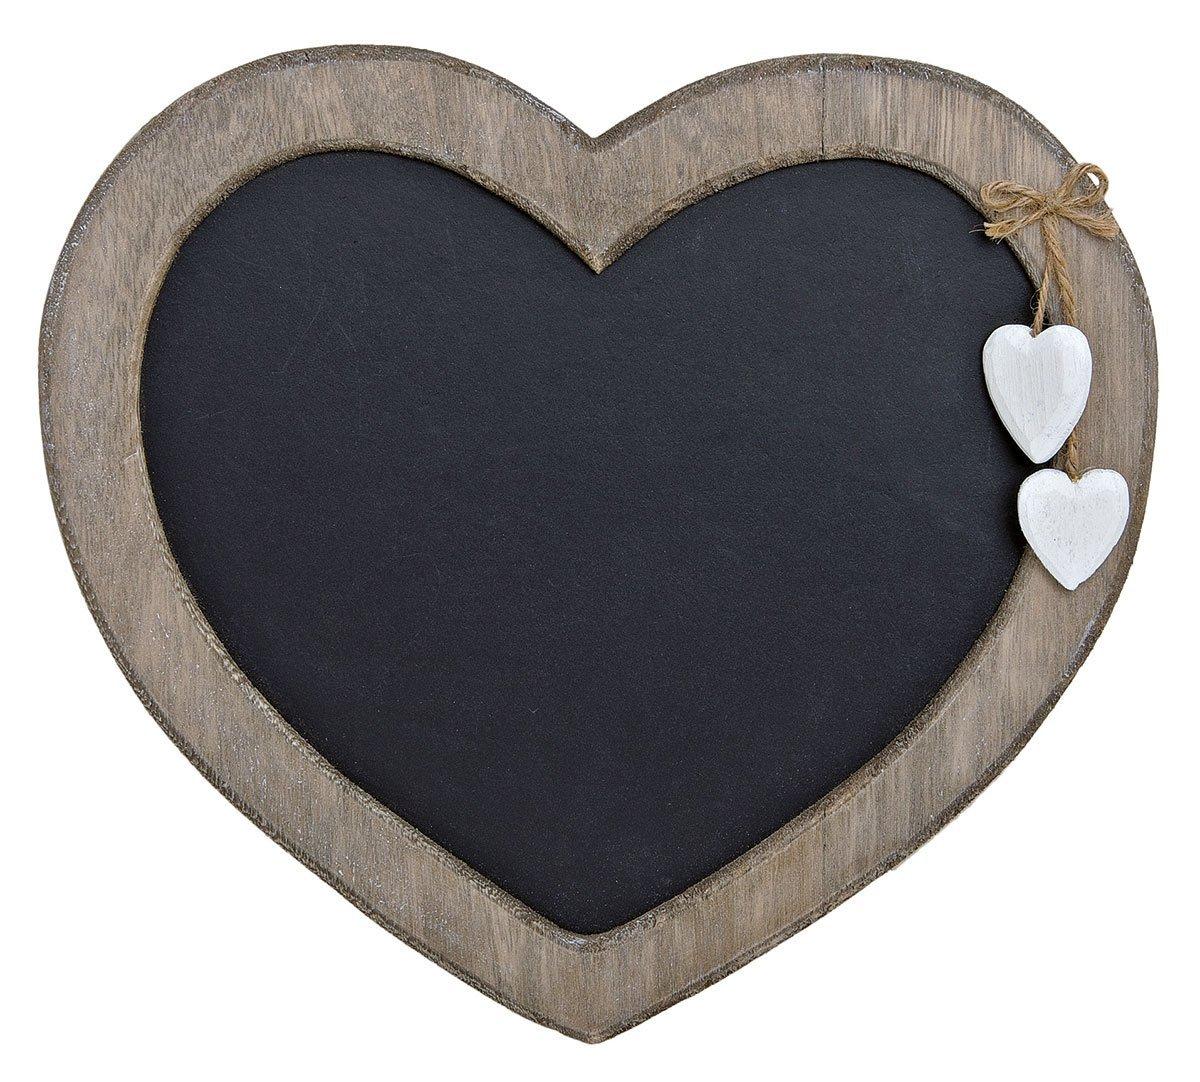 levandeo Memotafel Herz 30x27cm Memoboard Tafel Wandtafel aus Holz in weiß braun gewischt mit Herzen zum Hängen - Landhaus Vintage Shabby Kreide Kreidetafel Küchentafel